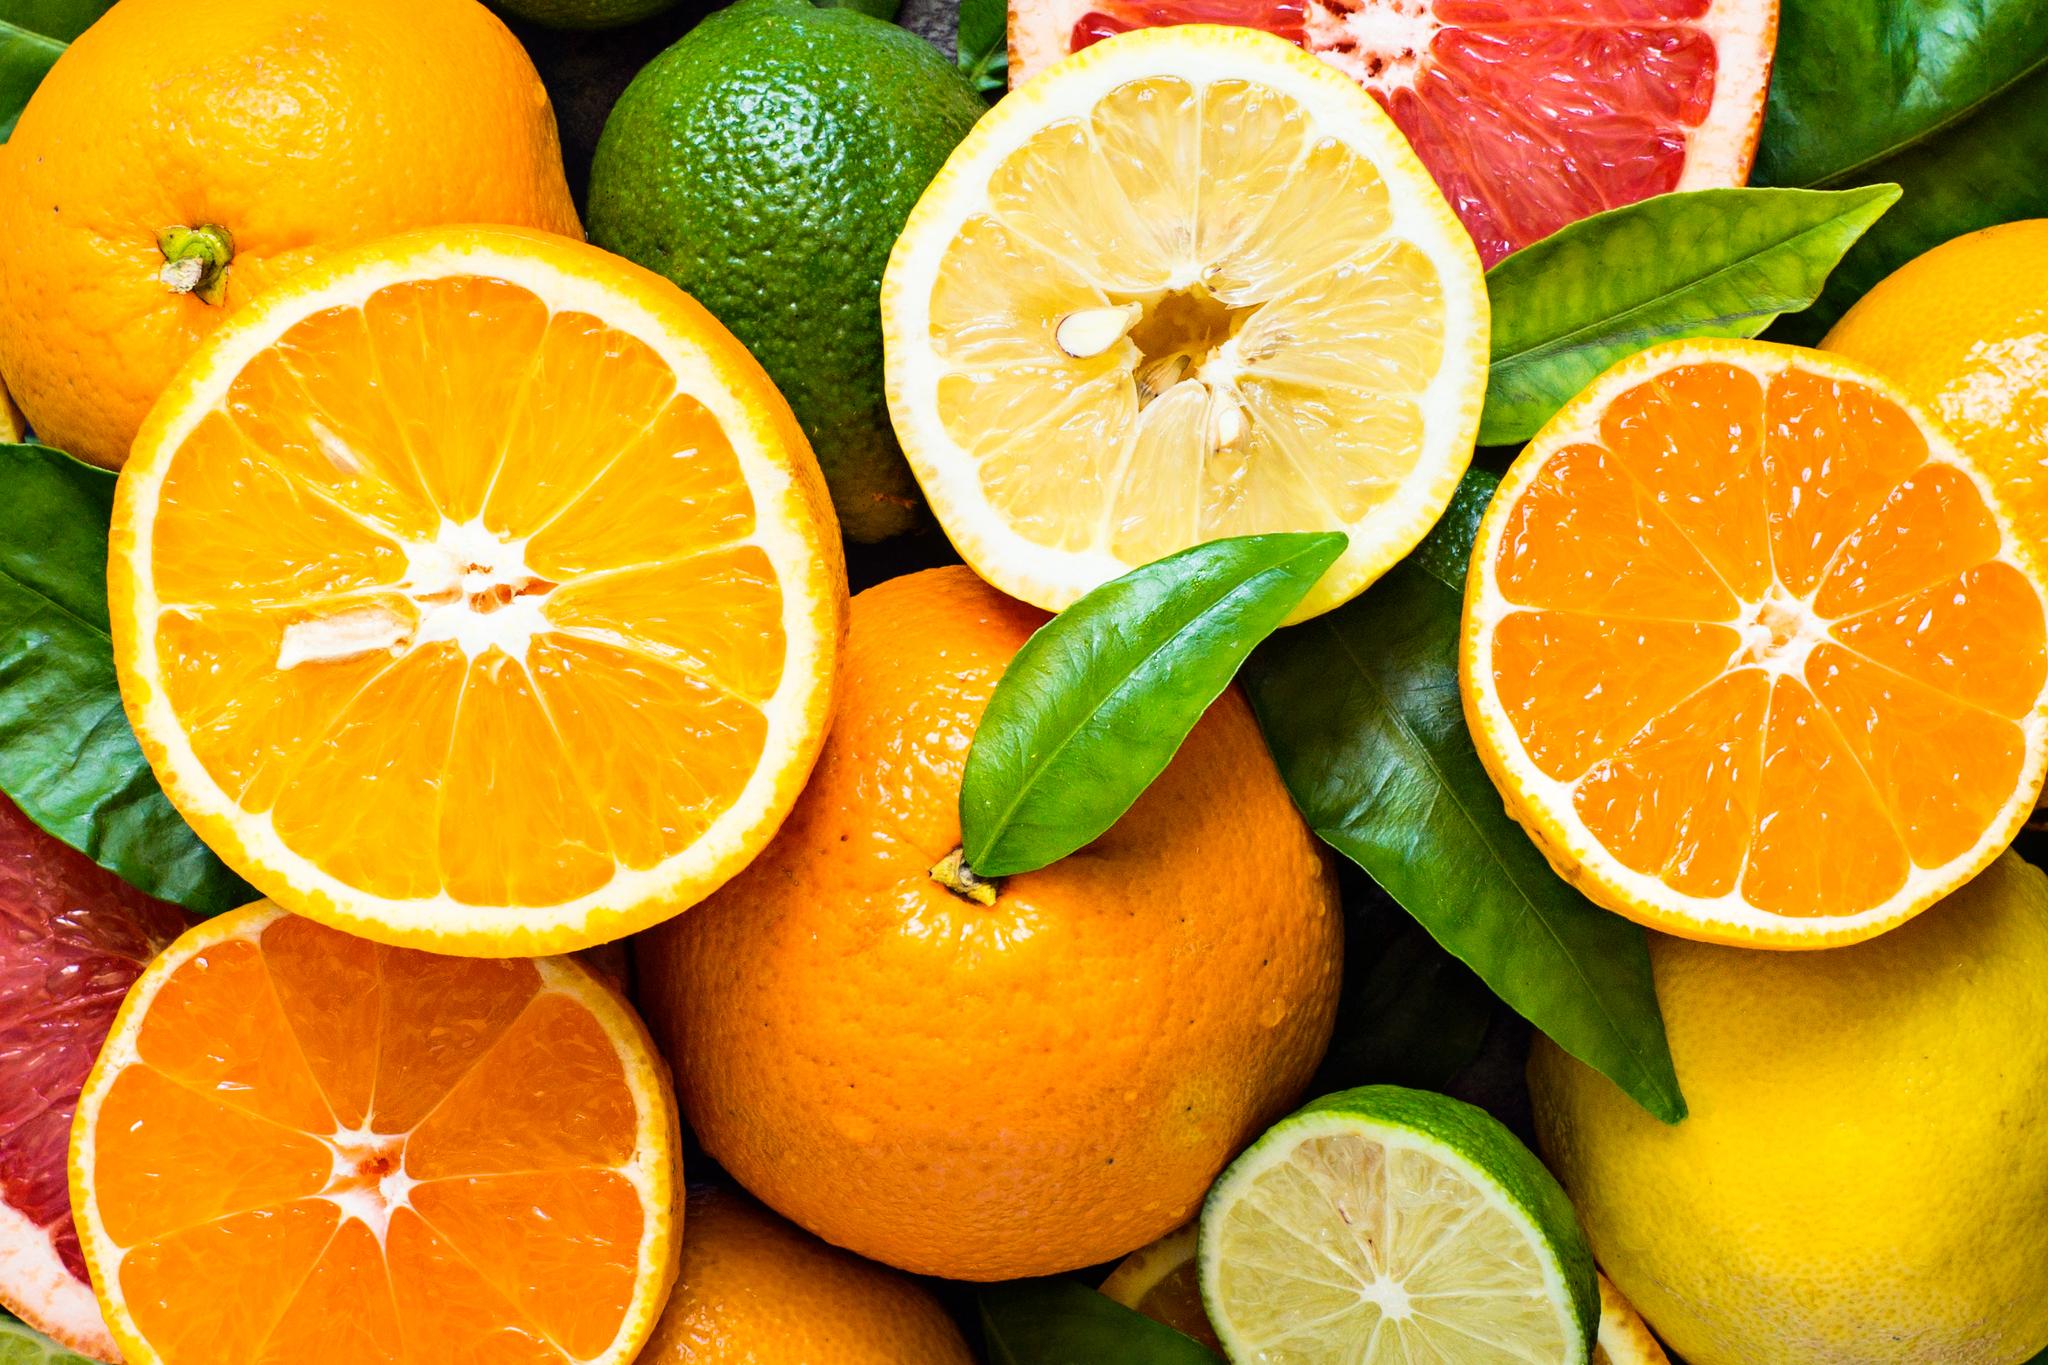 Zitrusfrüchte in Herrenparfüm